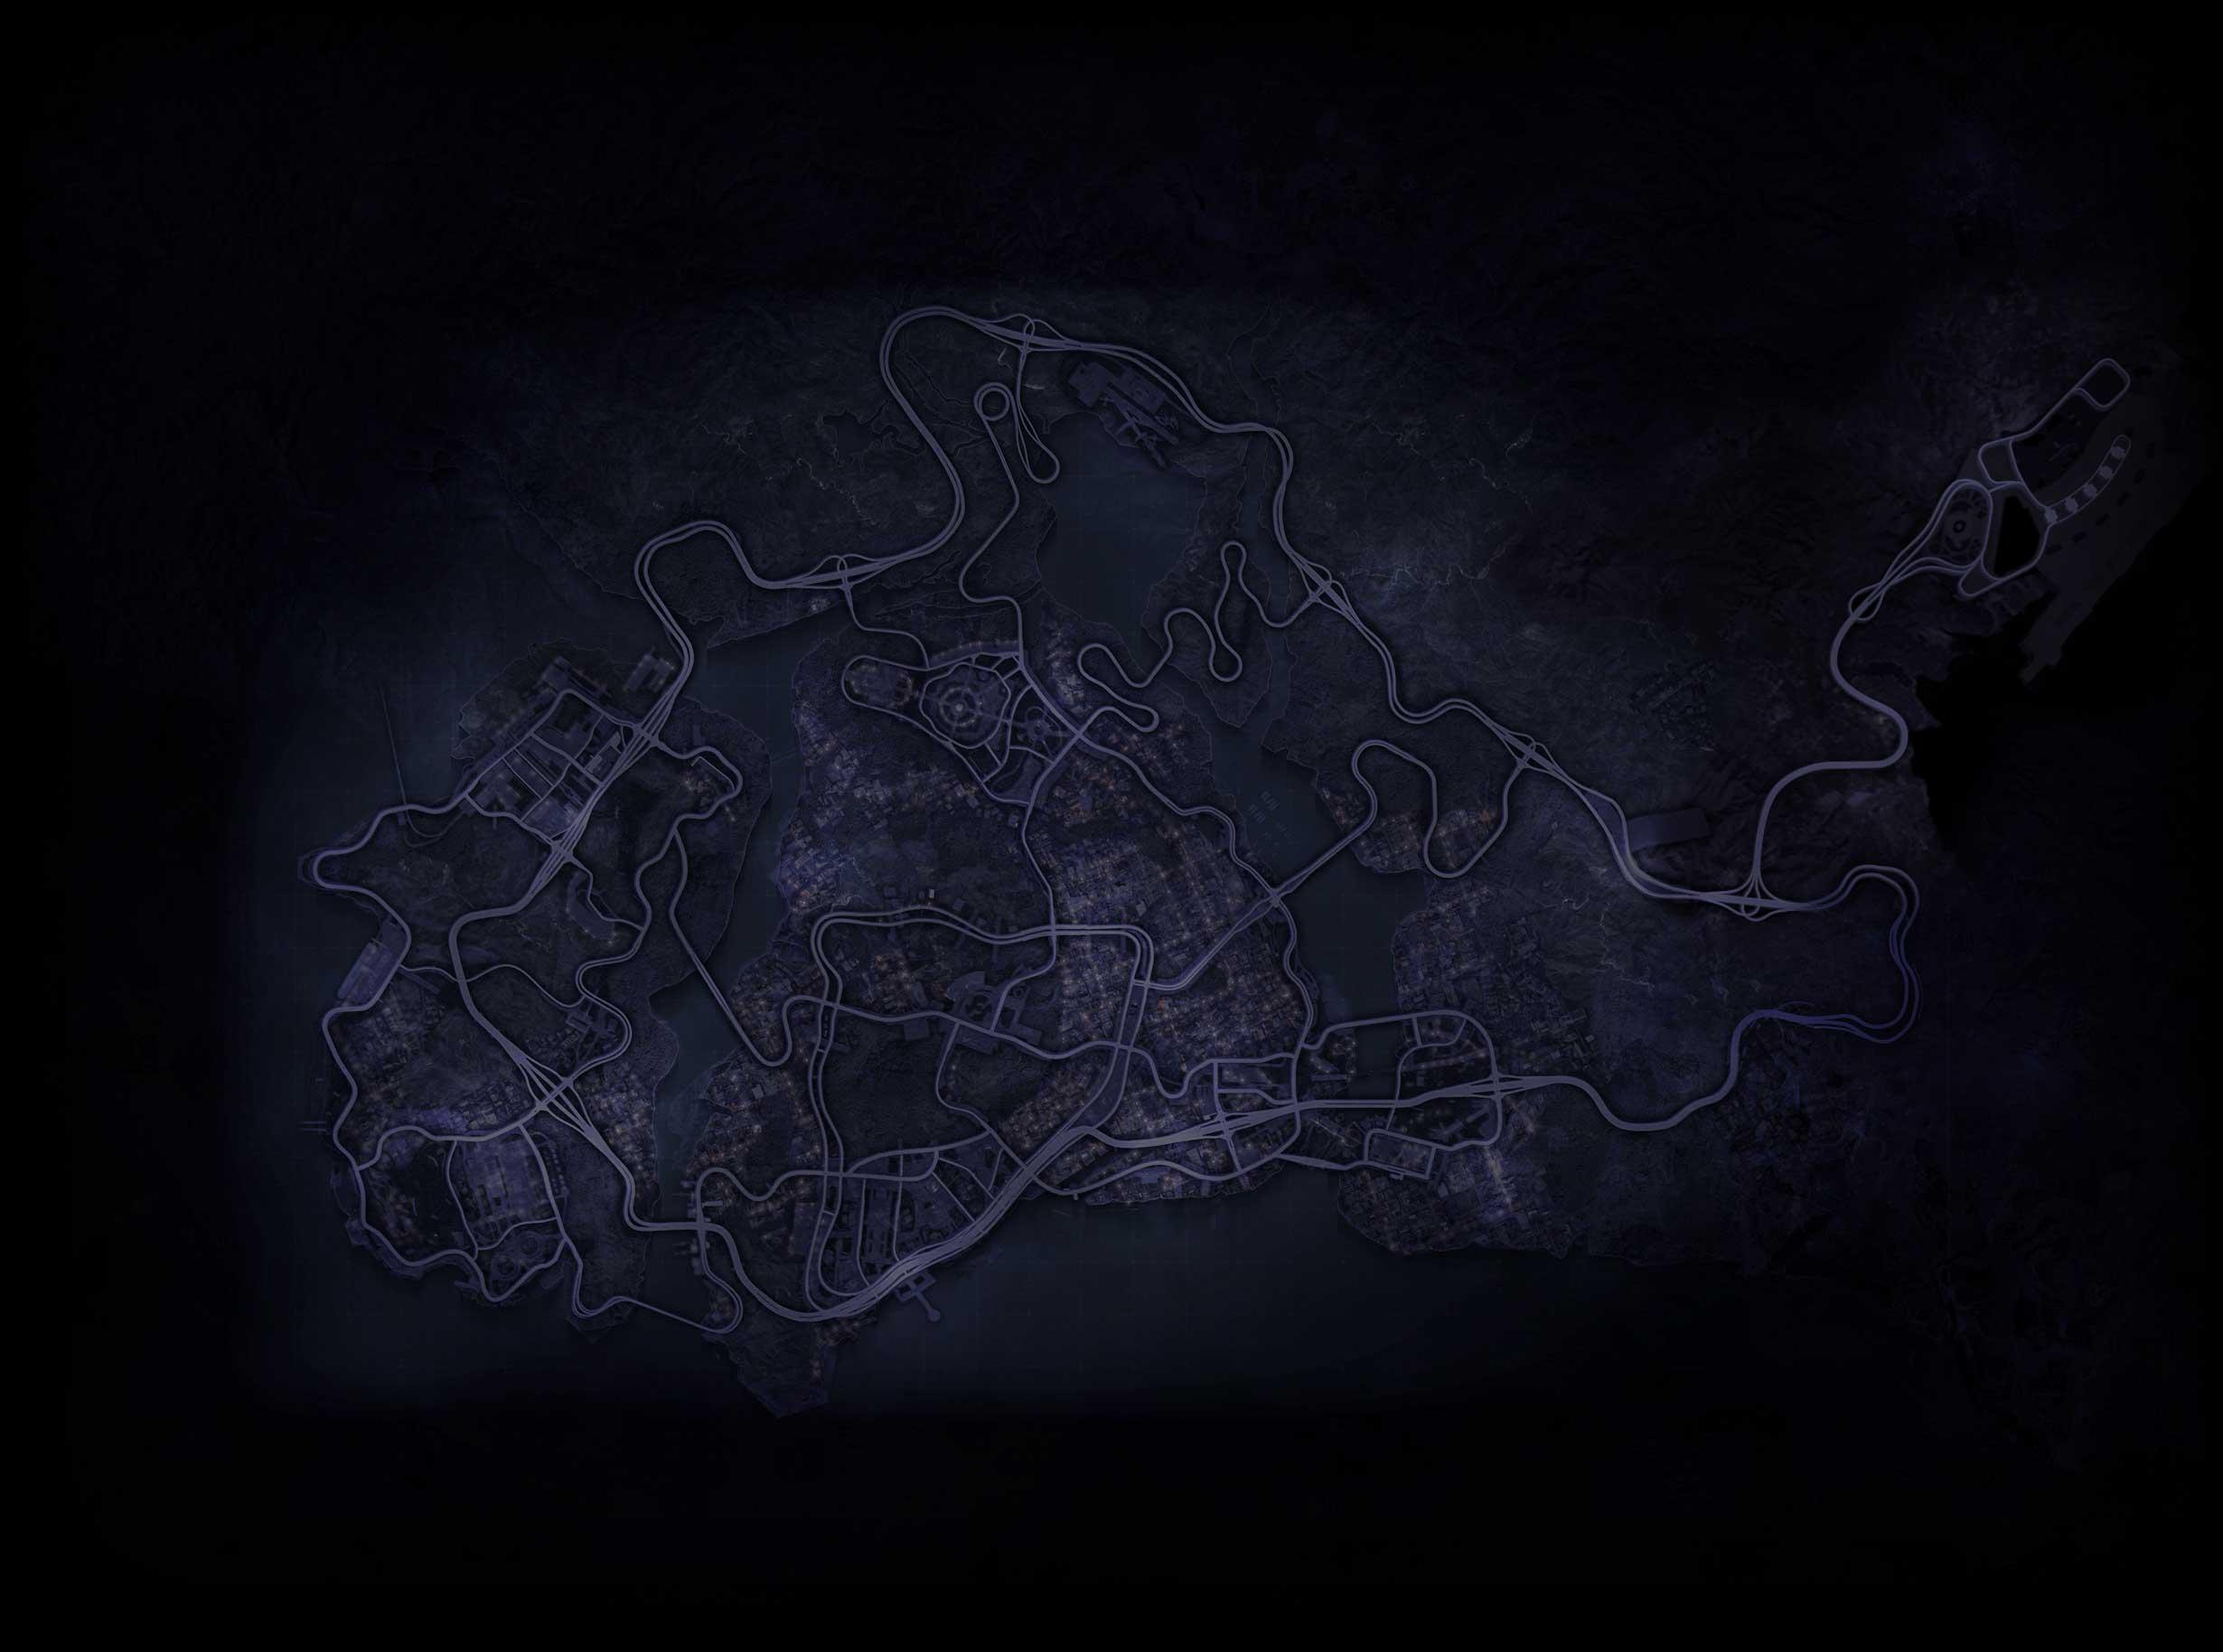 Fairhaven City